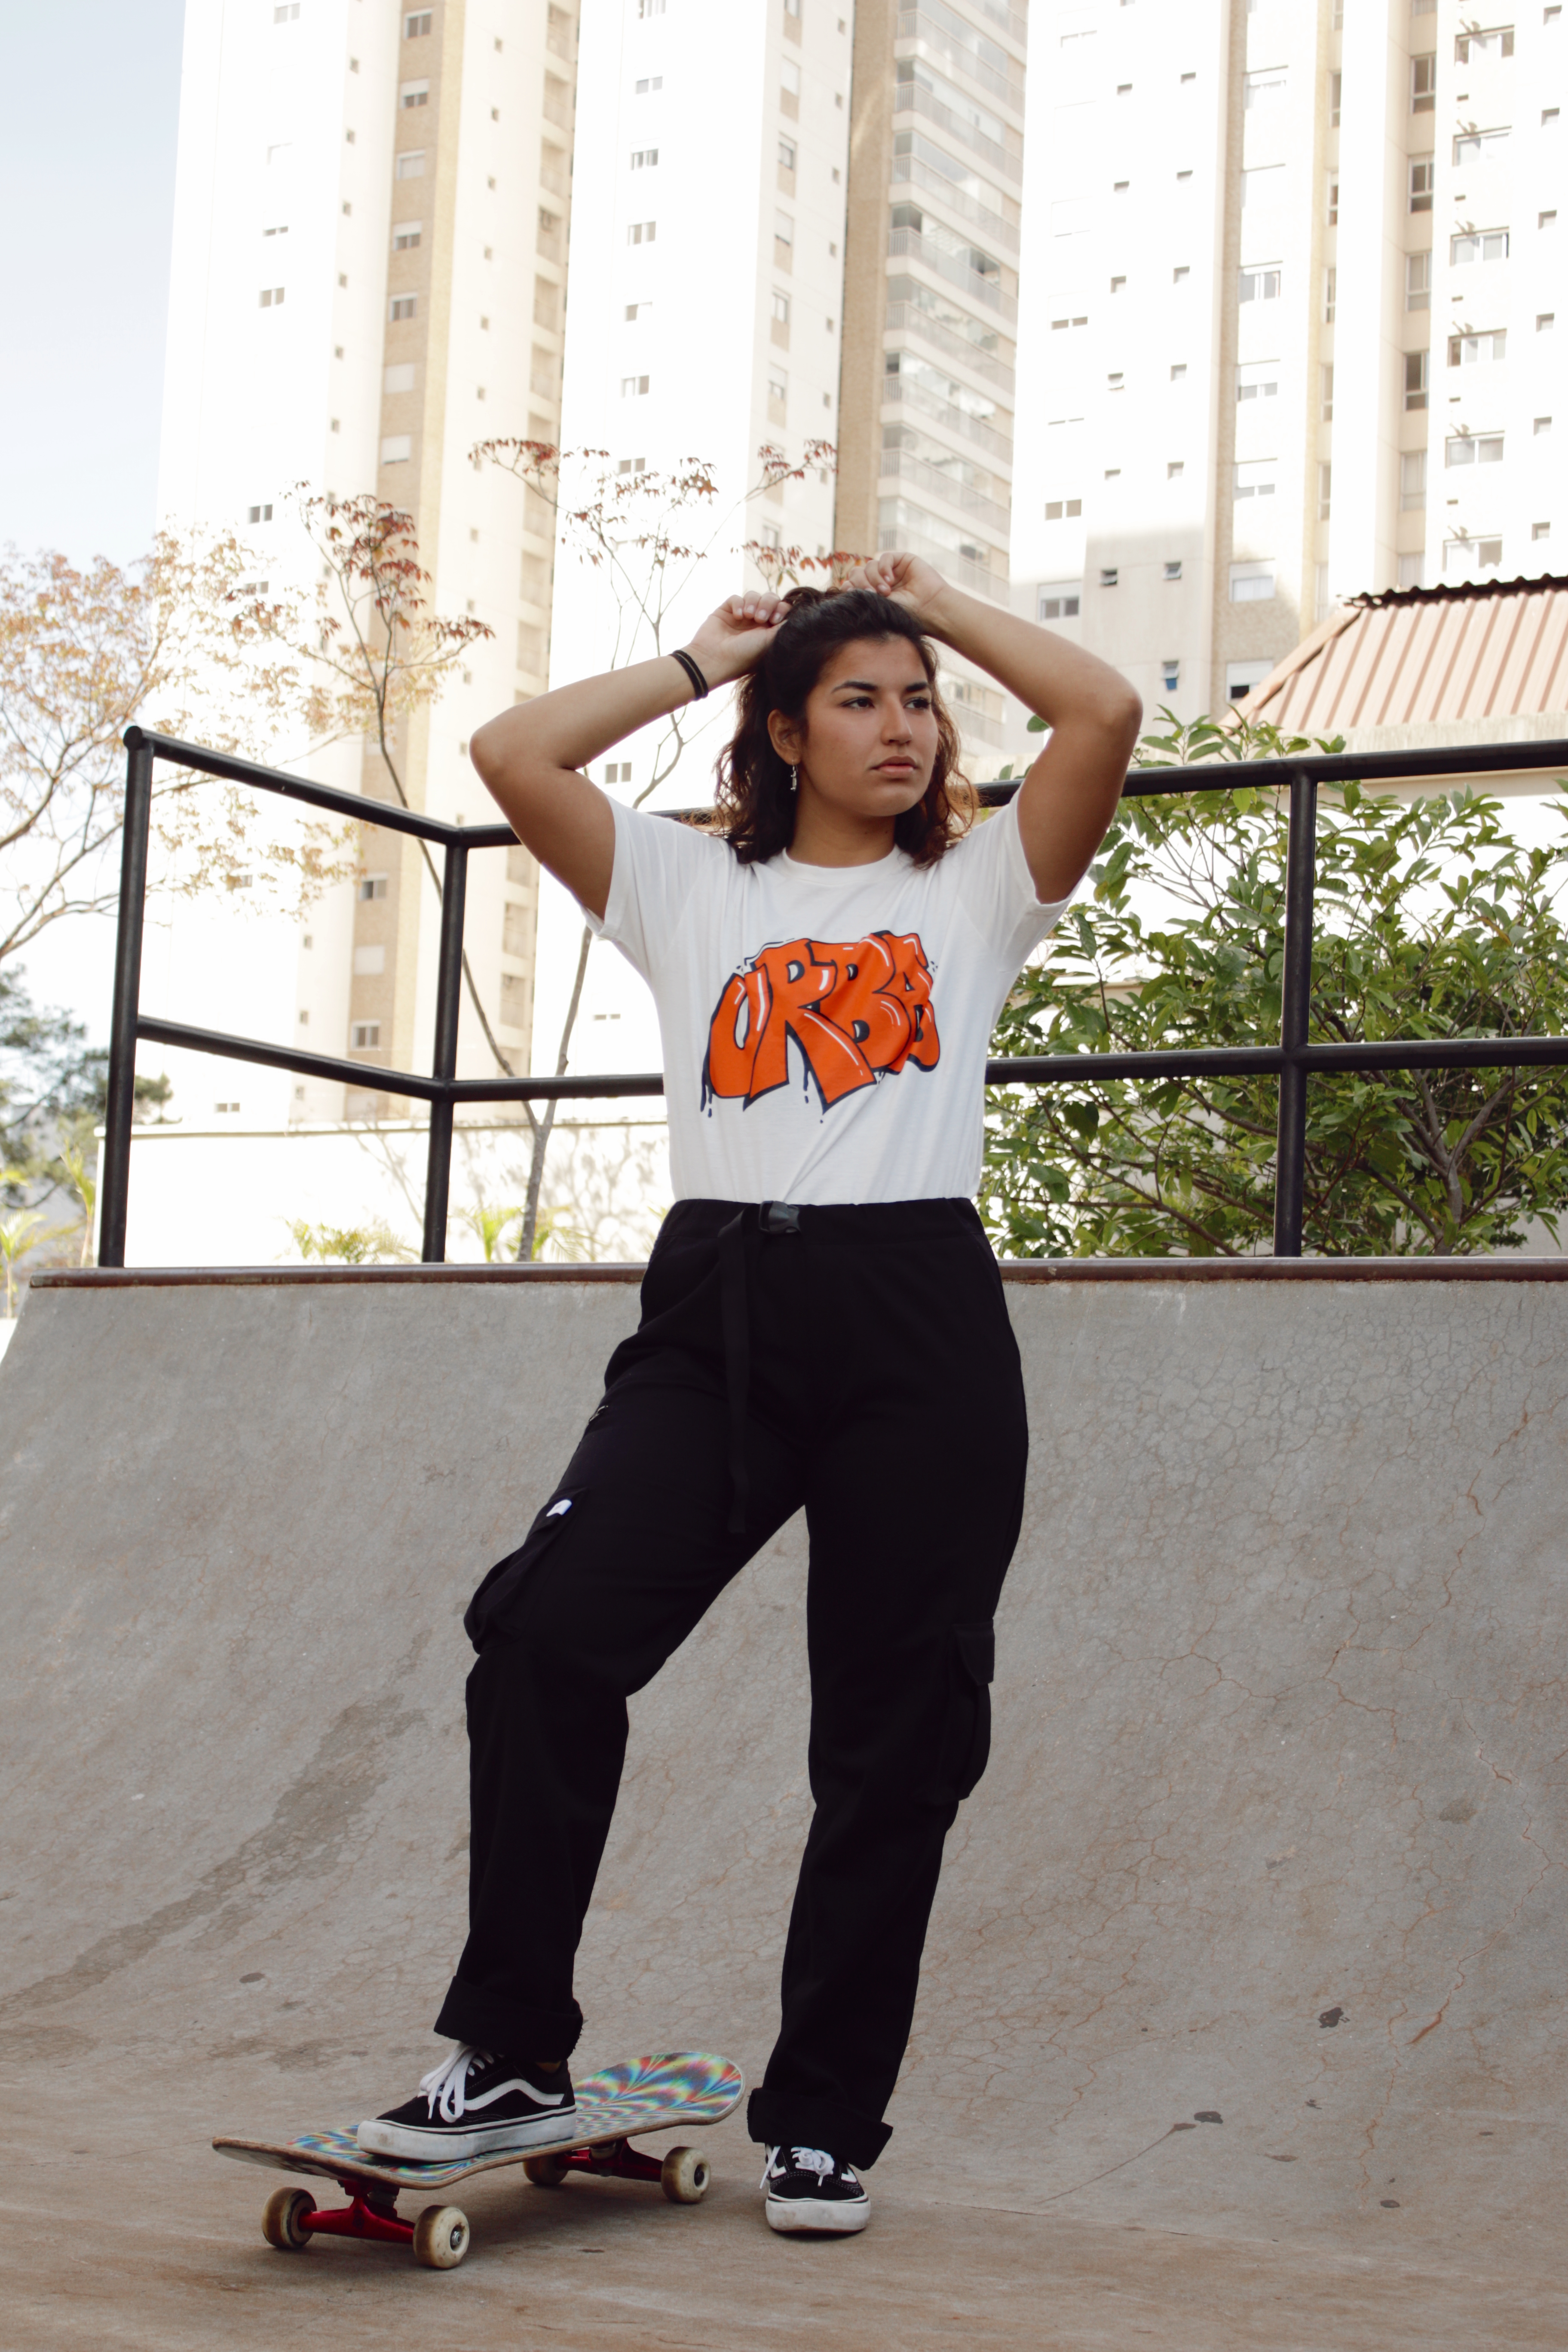 Thais Gazarra em mini rampa de skate usando camiseta branca, calça cargo preta, com um dos pés apoiado no skate e mexendo no cabelo com as duas mãos para trás